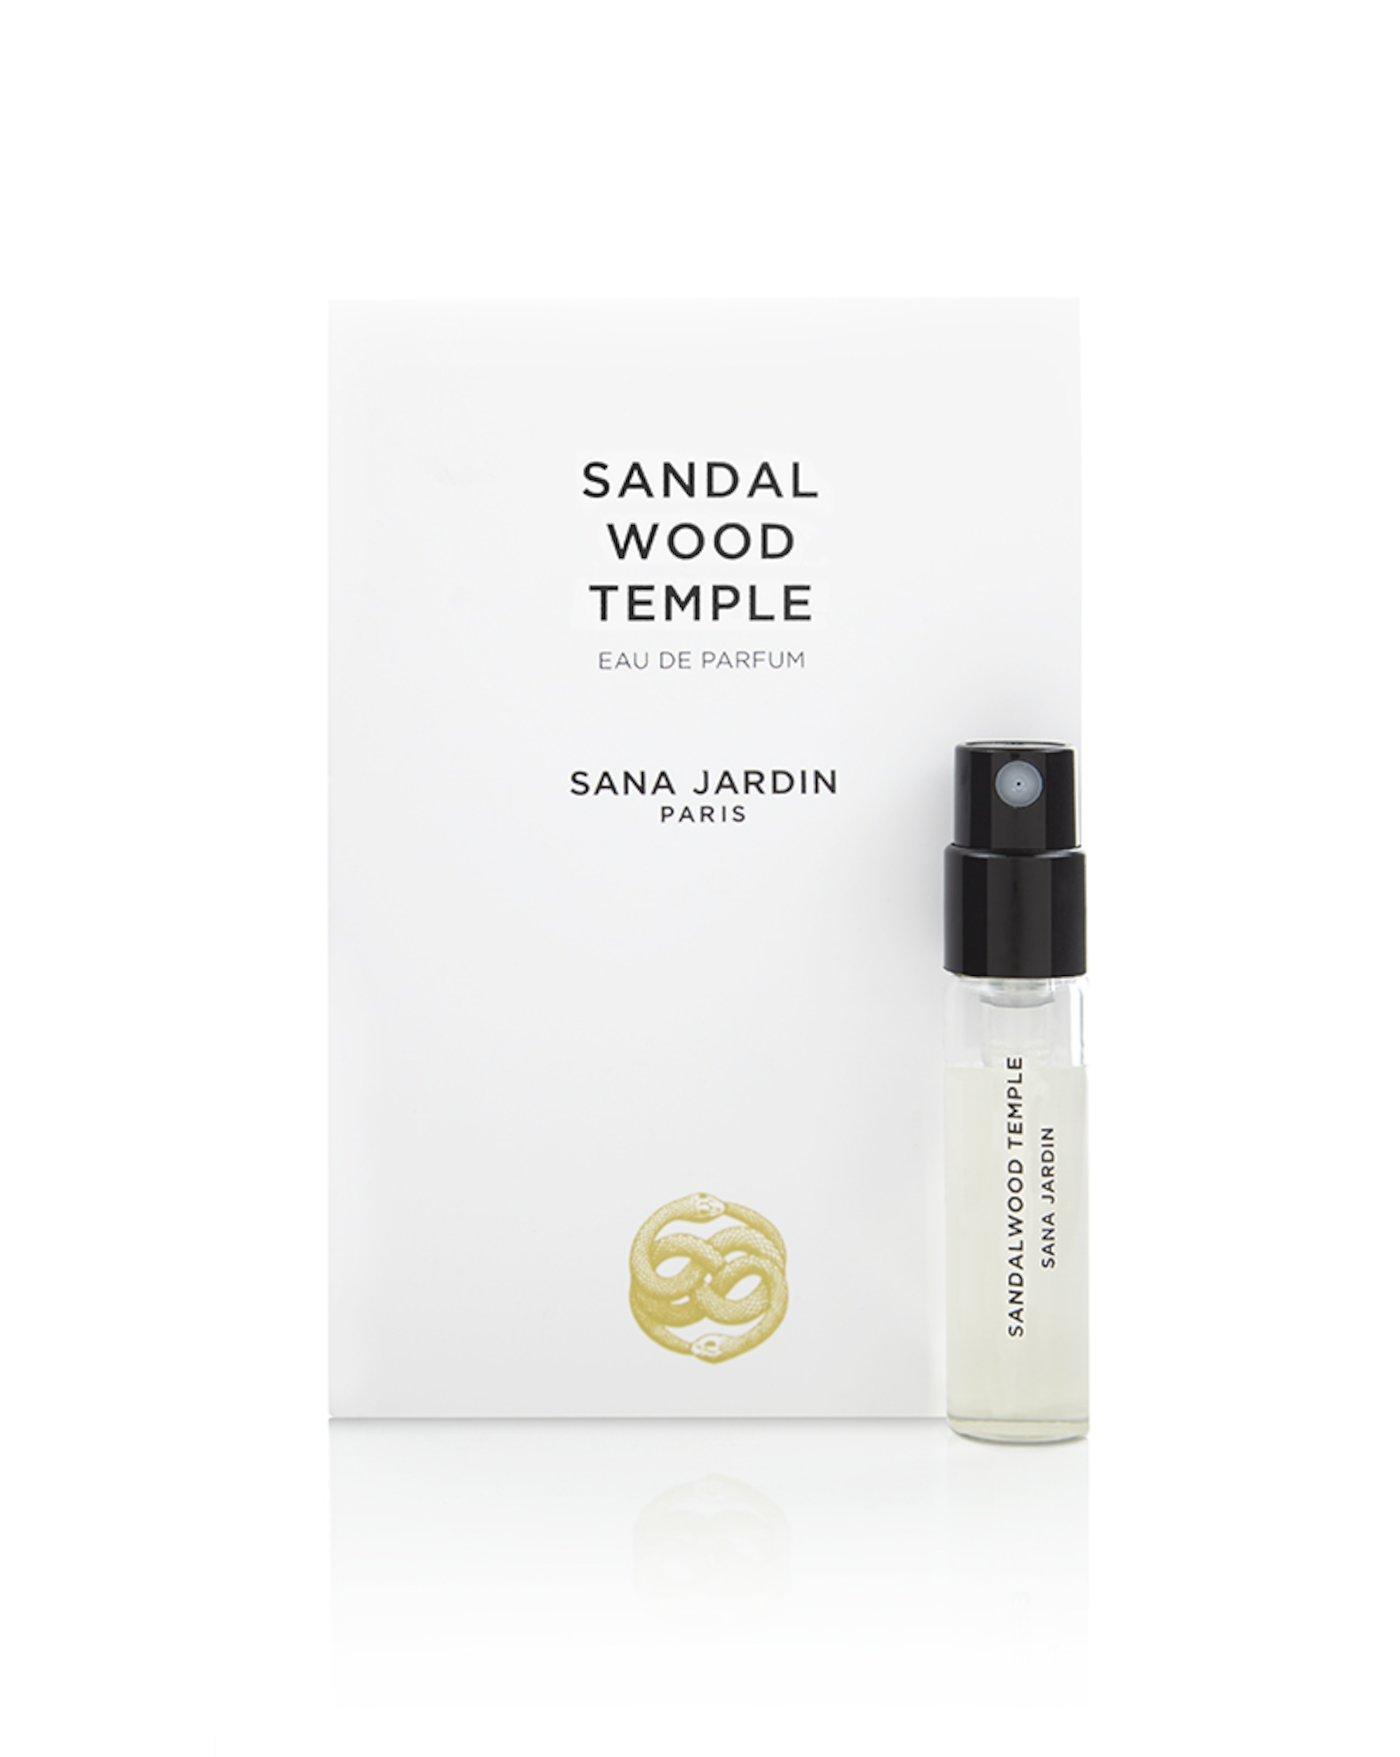 Sandalwood Temple 2ml in card